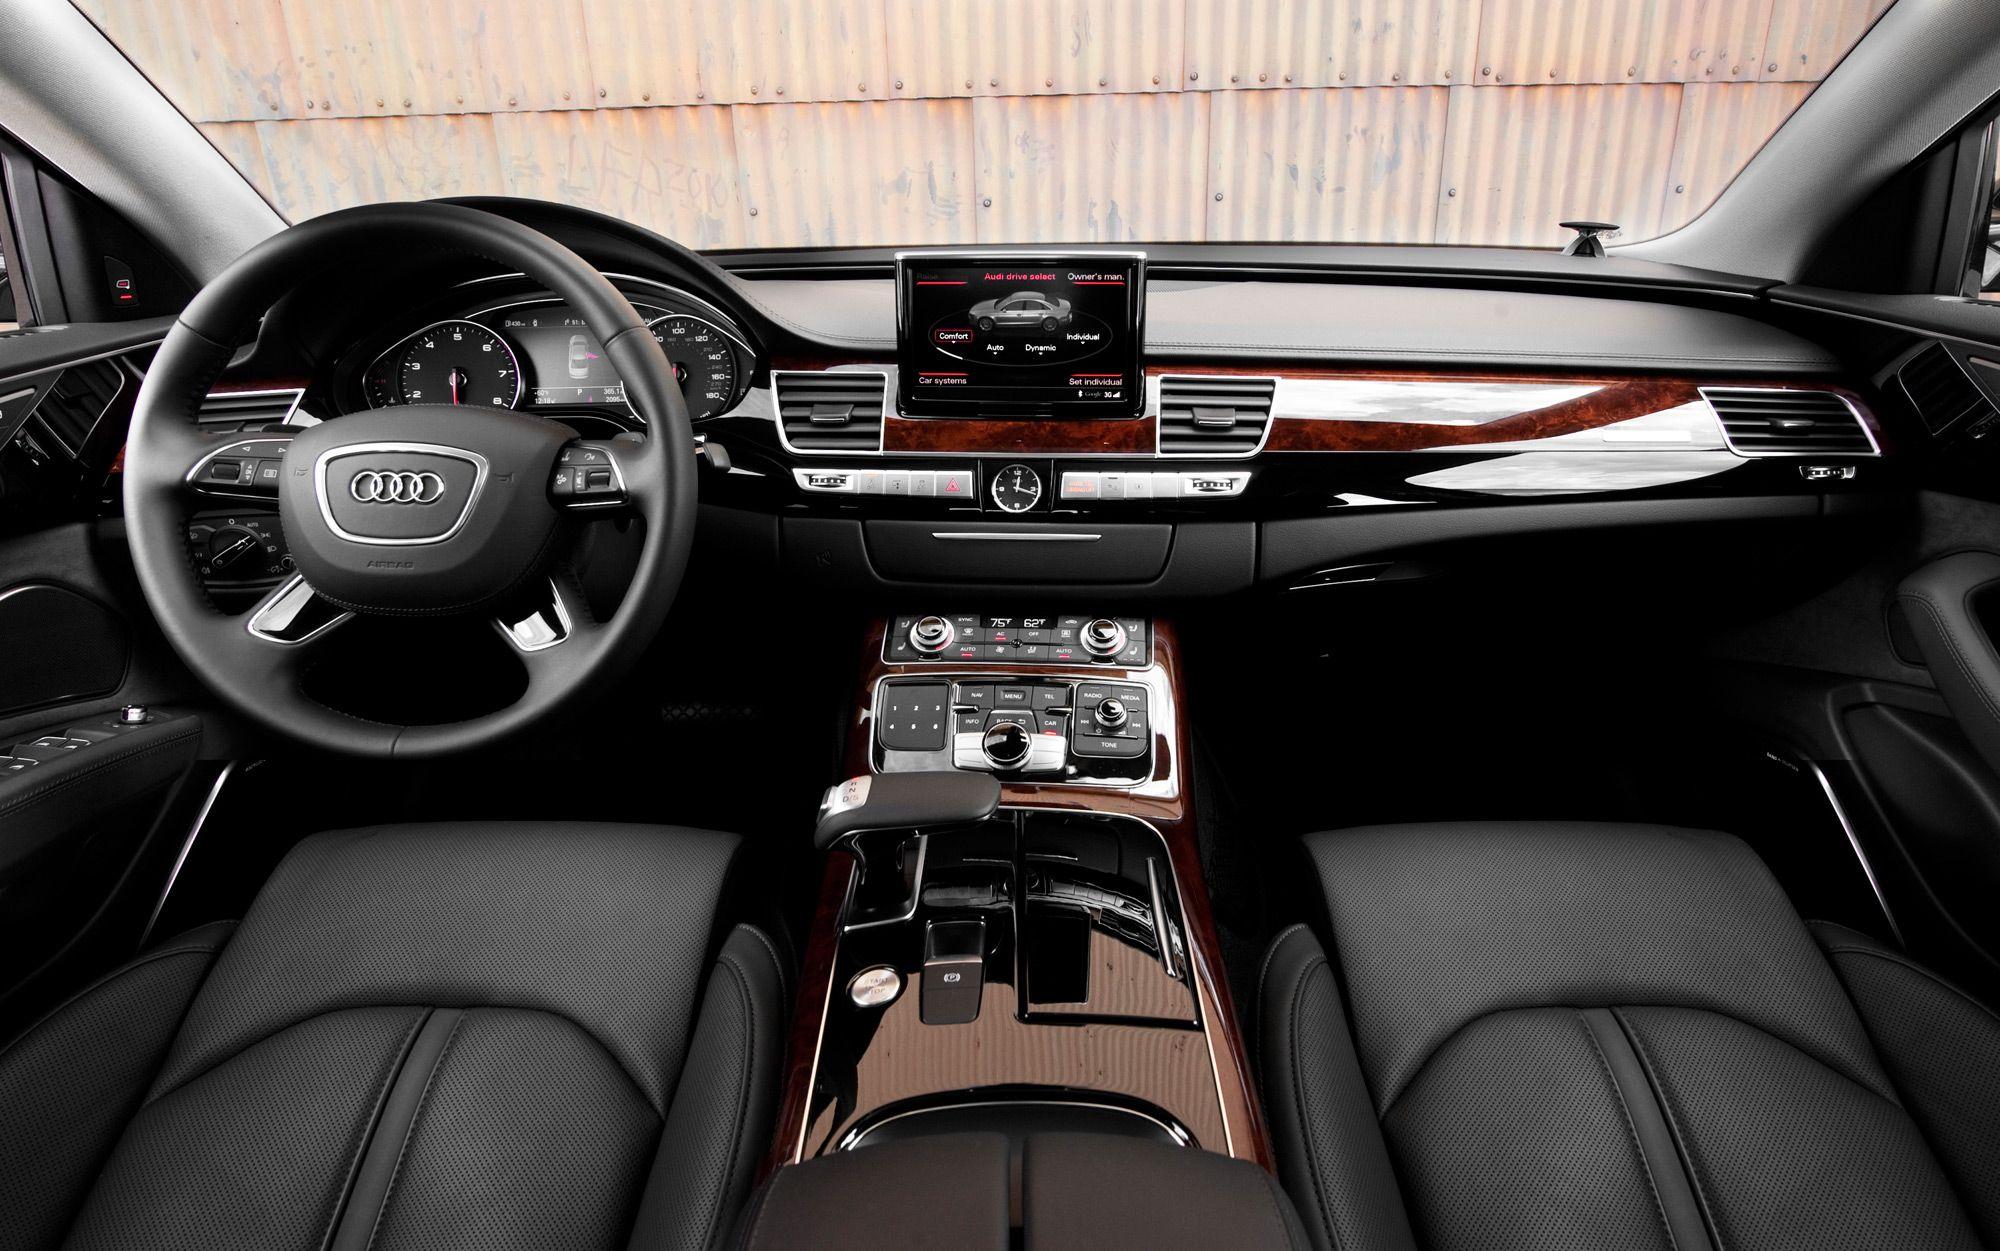 Kekurangan Audi A8 2013 Harga